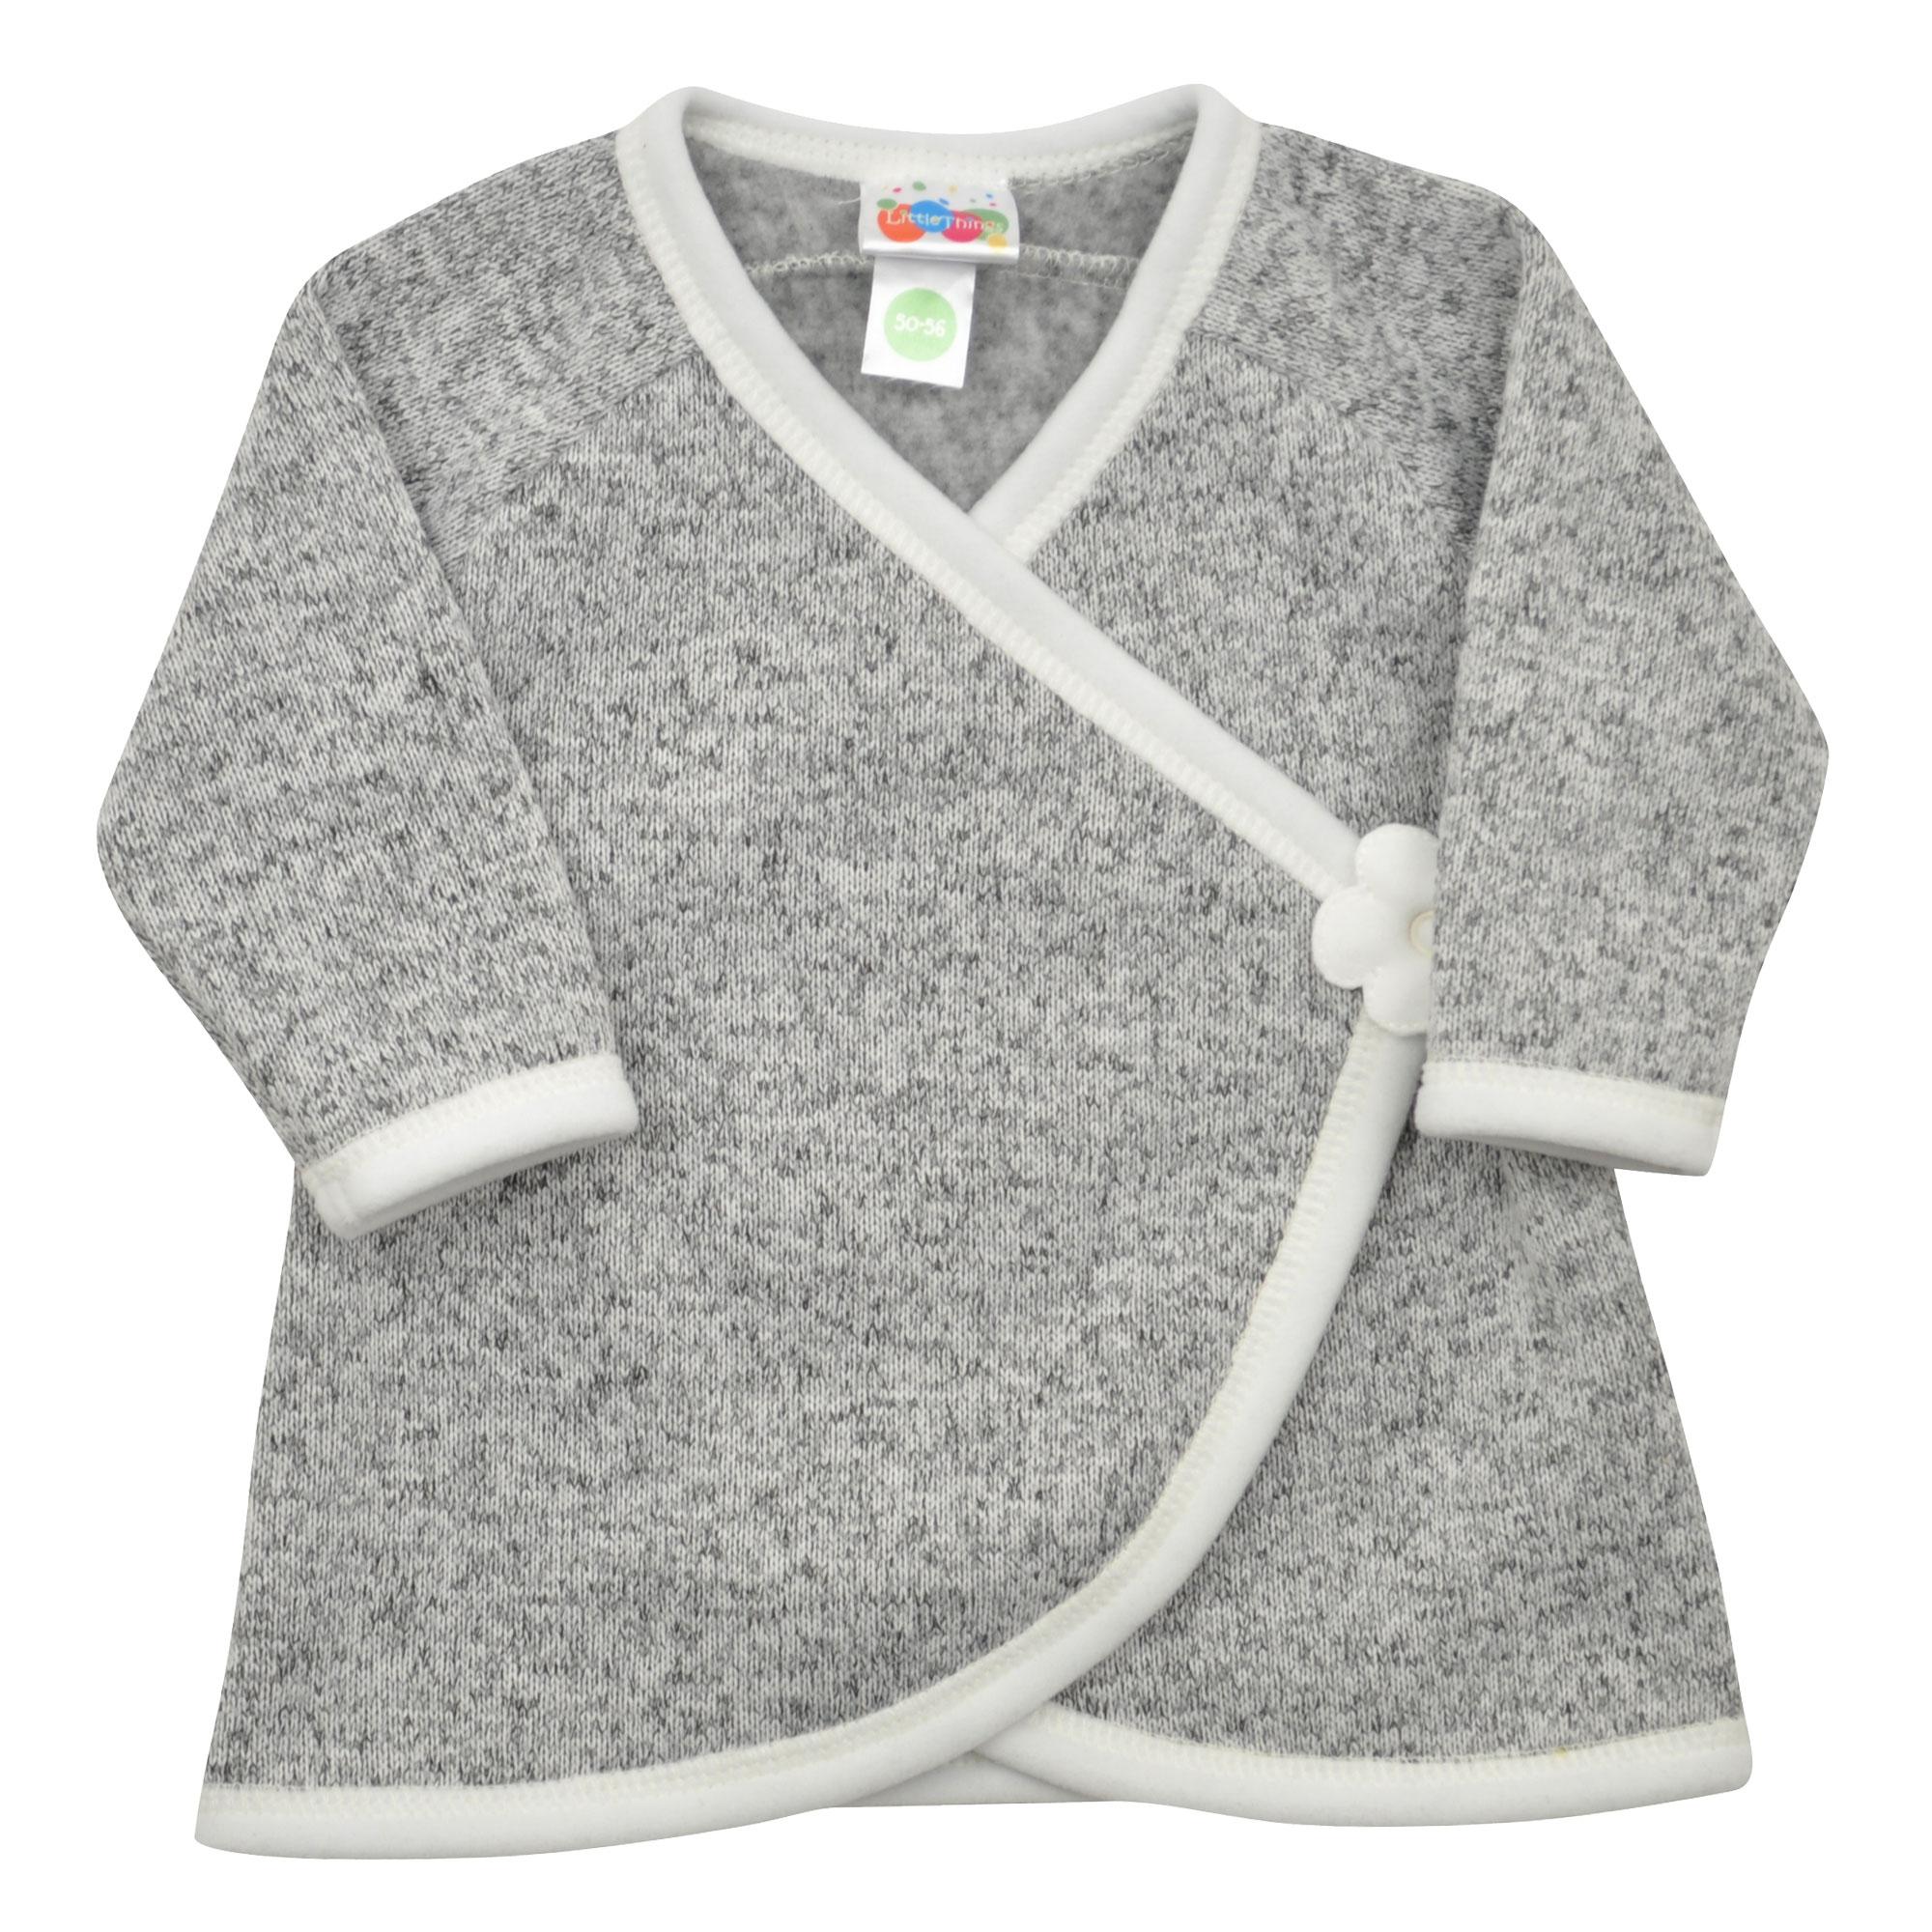 šedý svetrovinový kabátek s kytičkou  58a1824ece